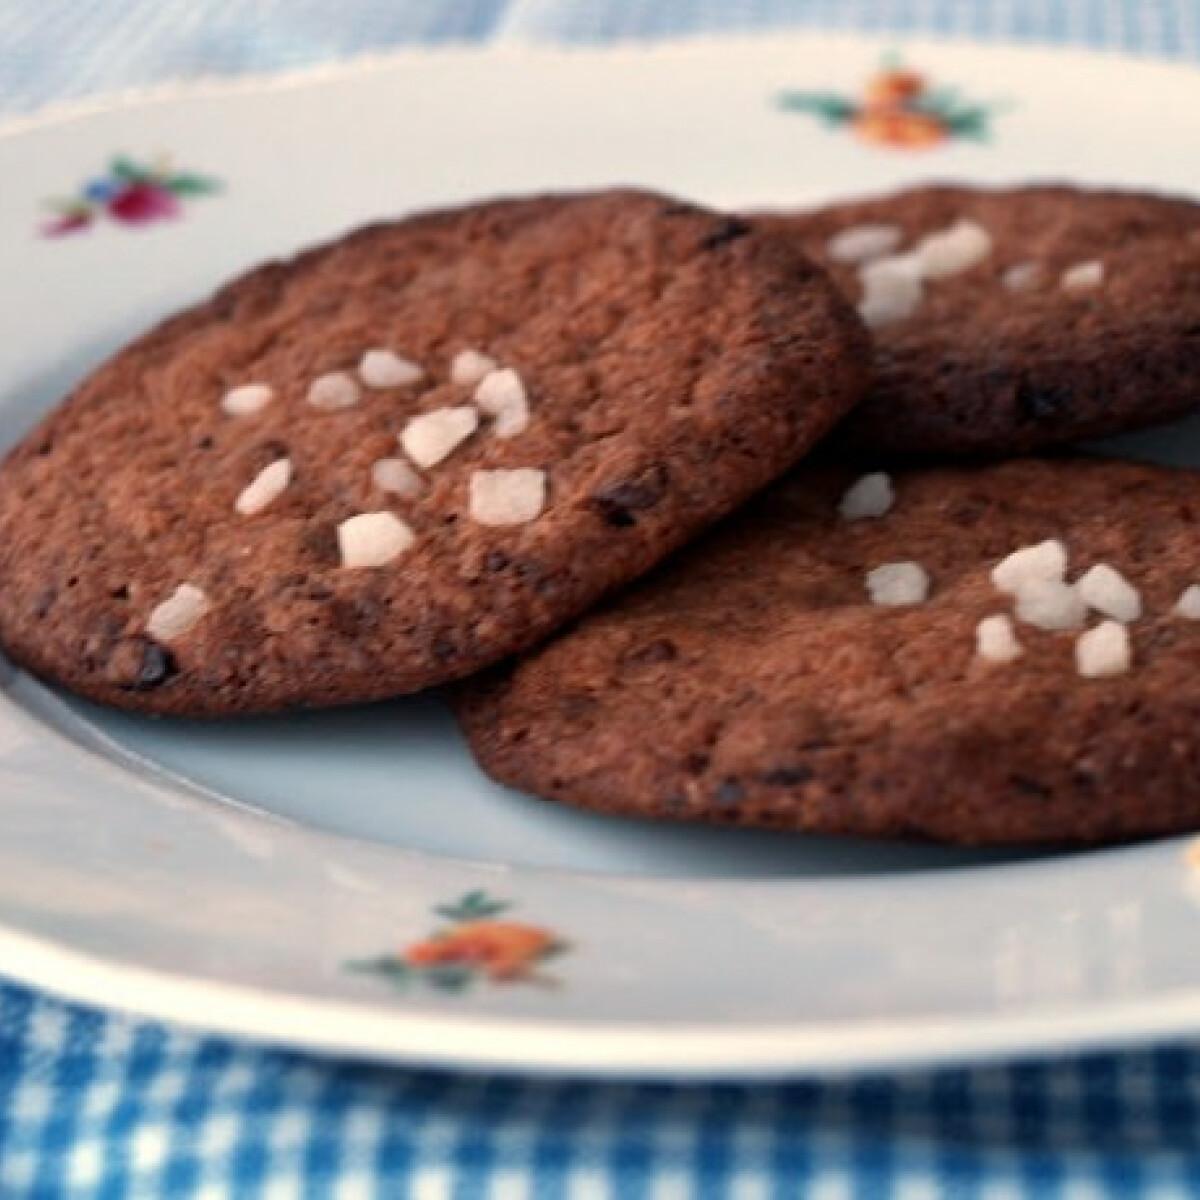 Csokis keksz chloedejonge konyhájából